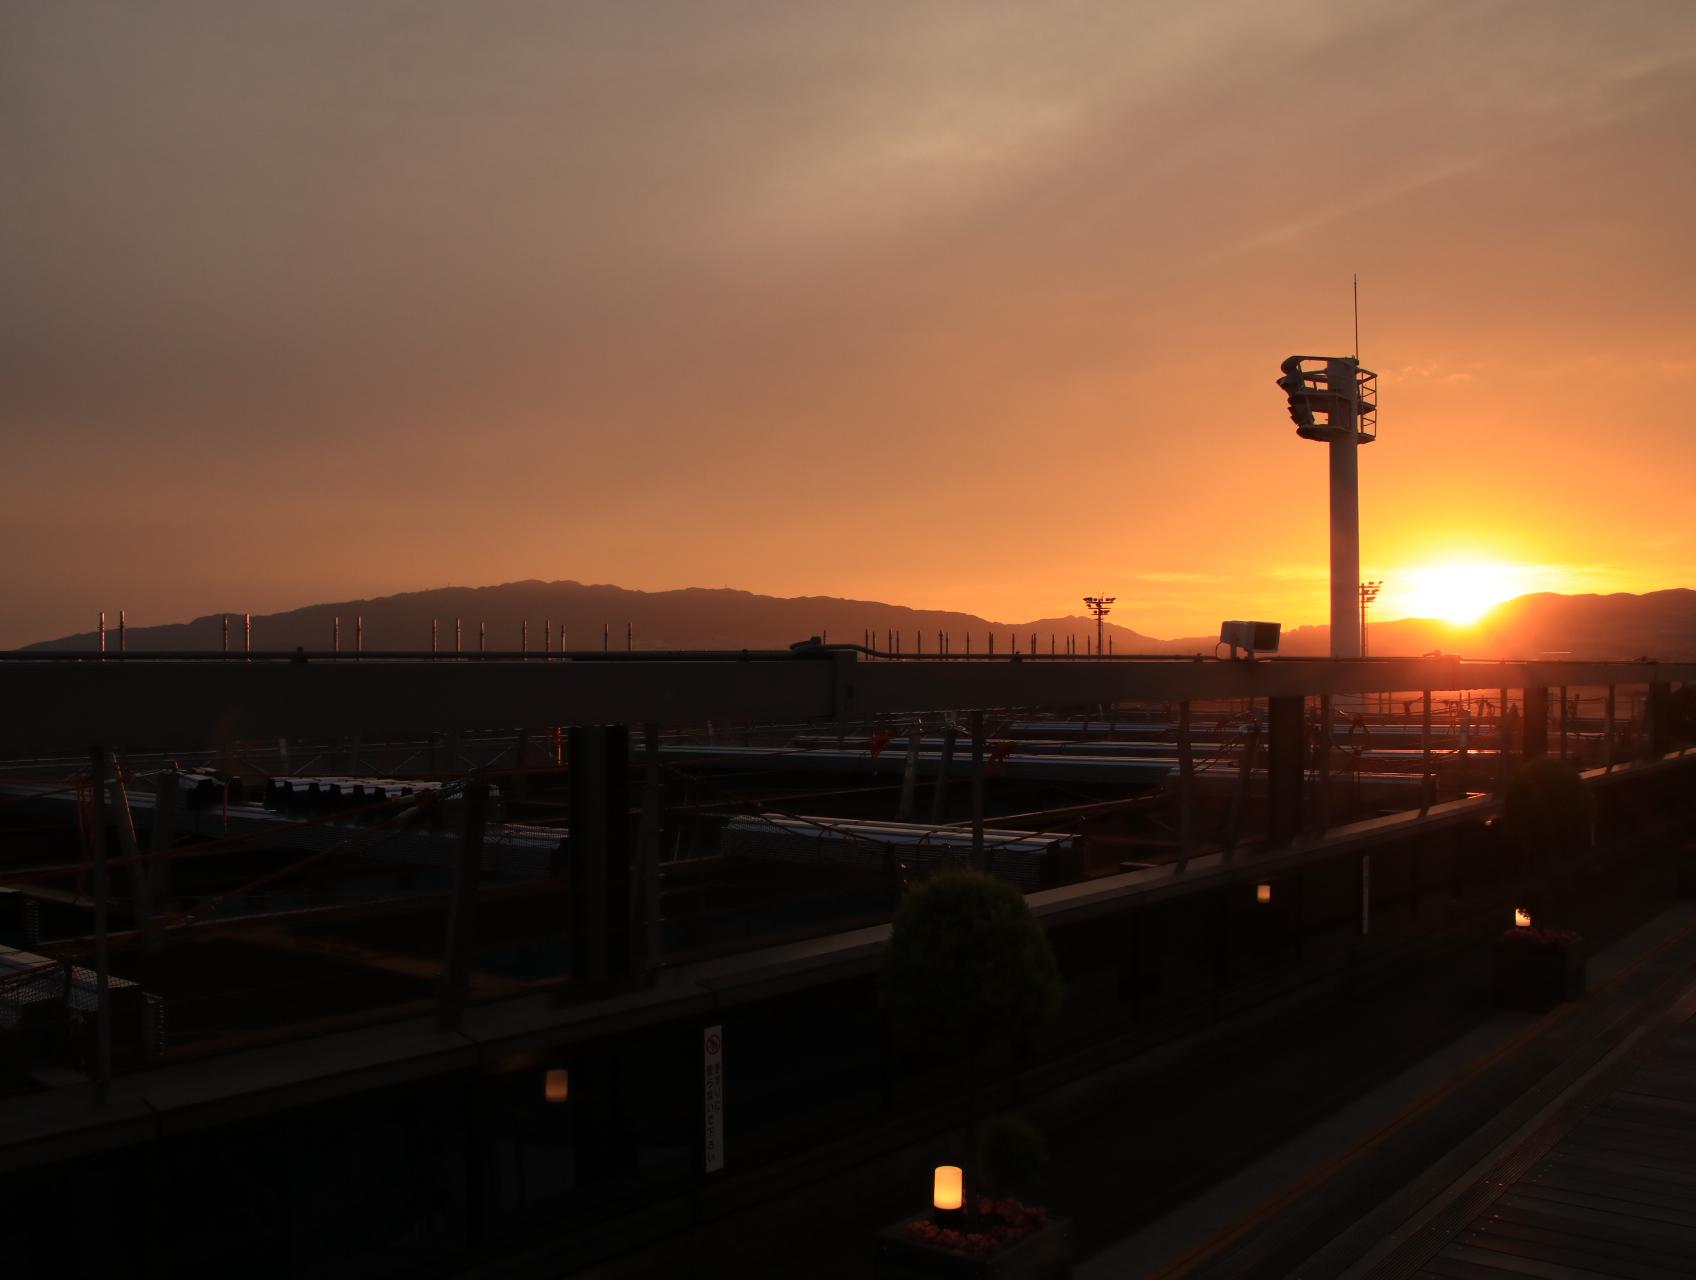 リニューアル途中の夕方 伊丹空港ITM_d0202264_2155598.jpg